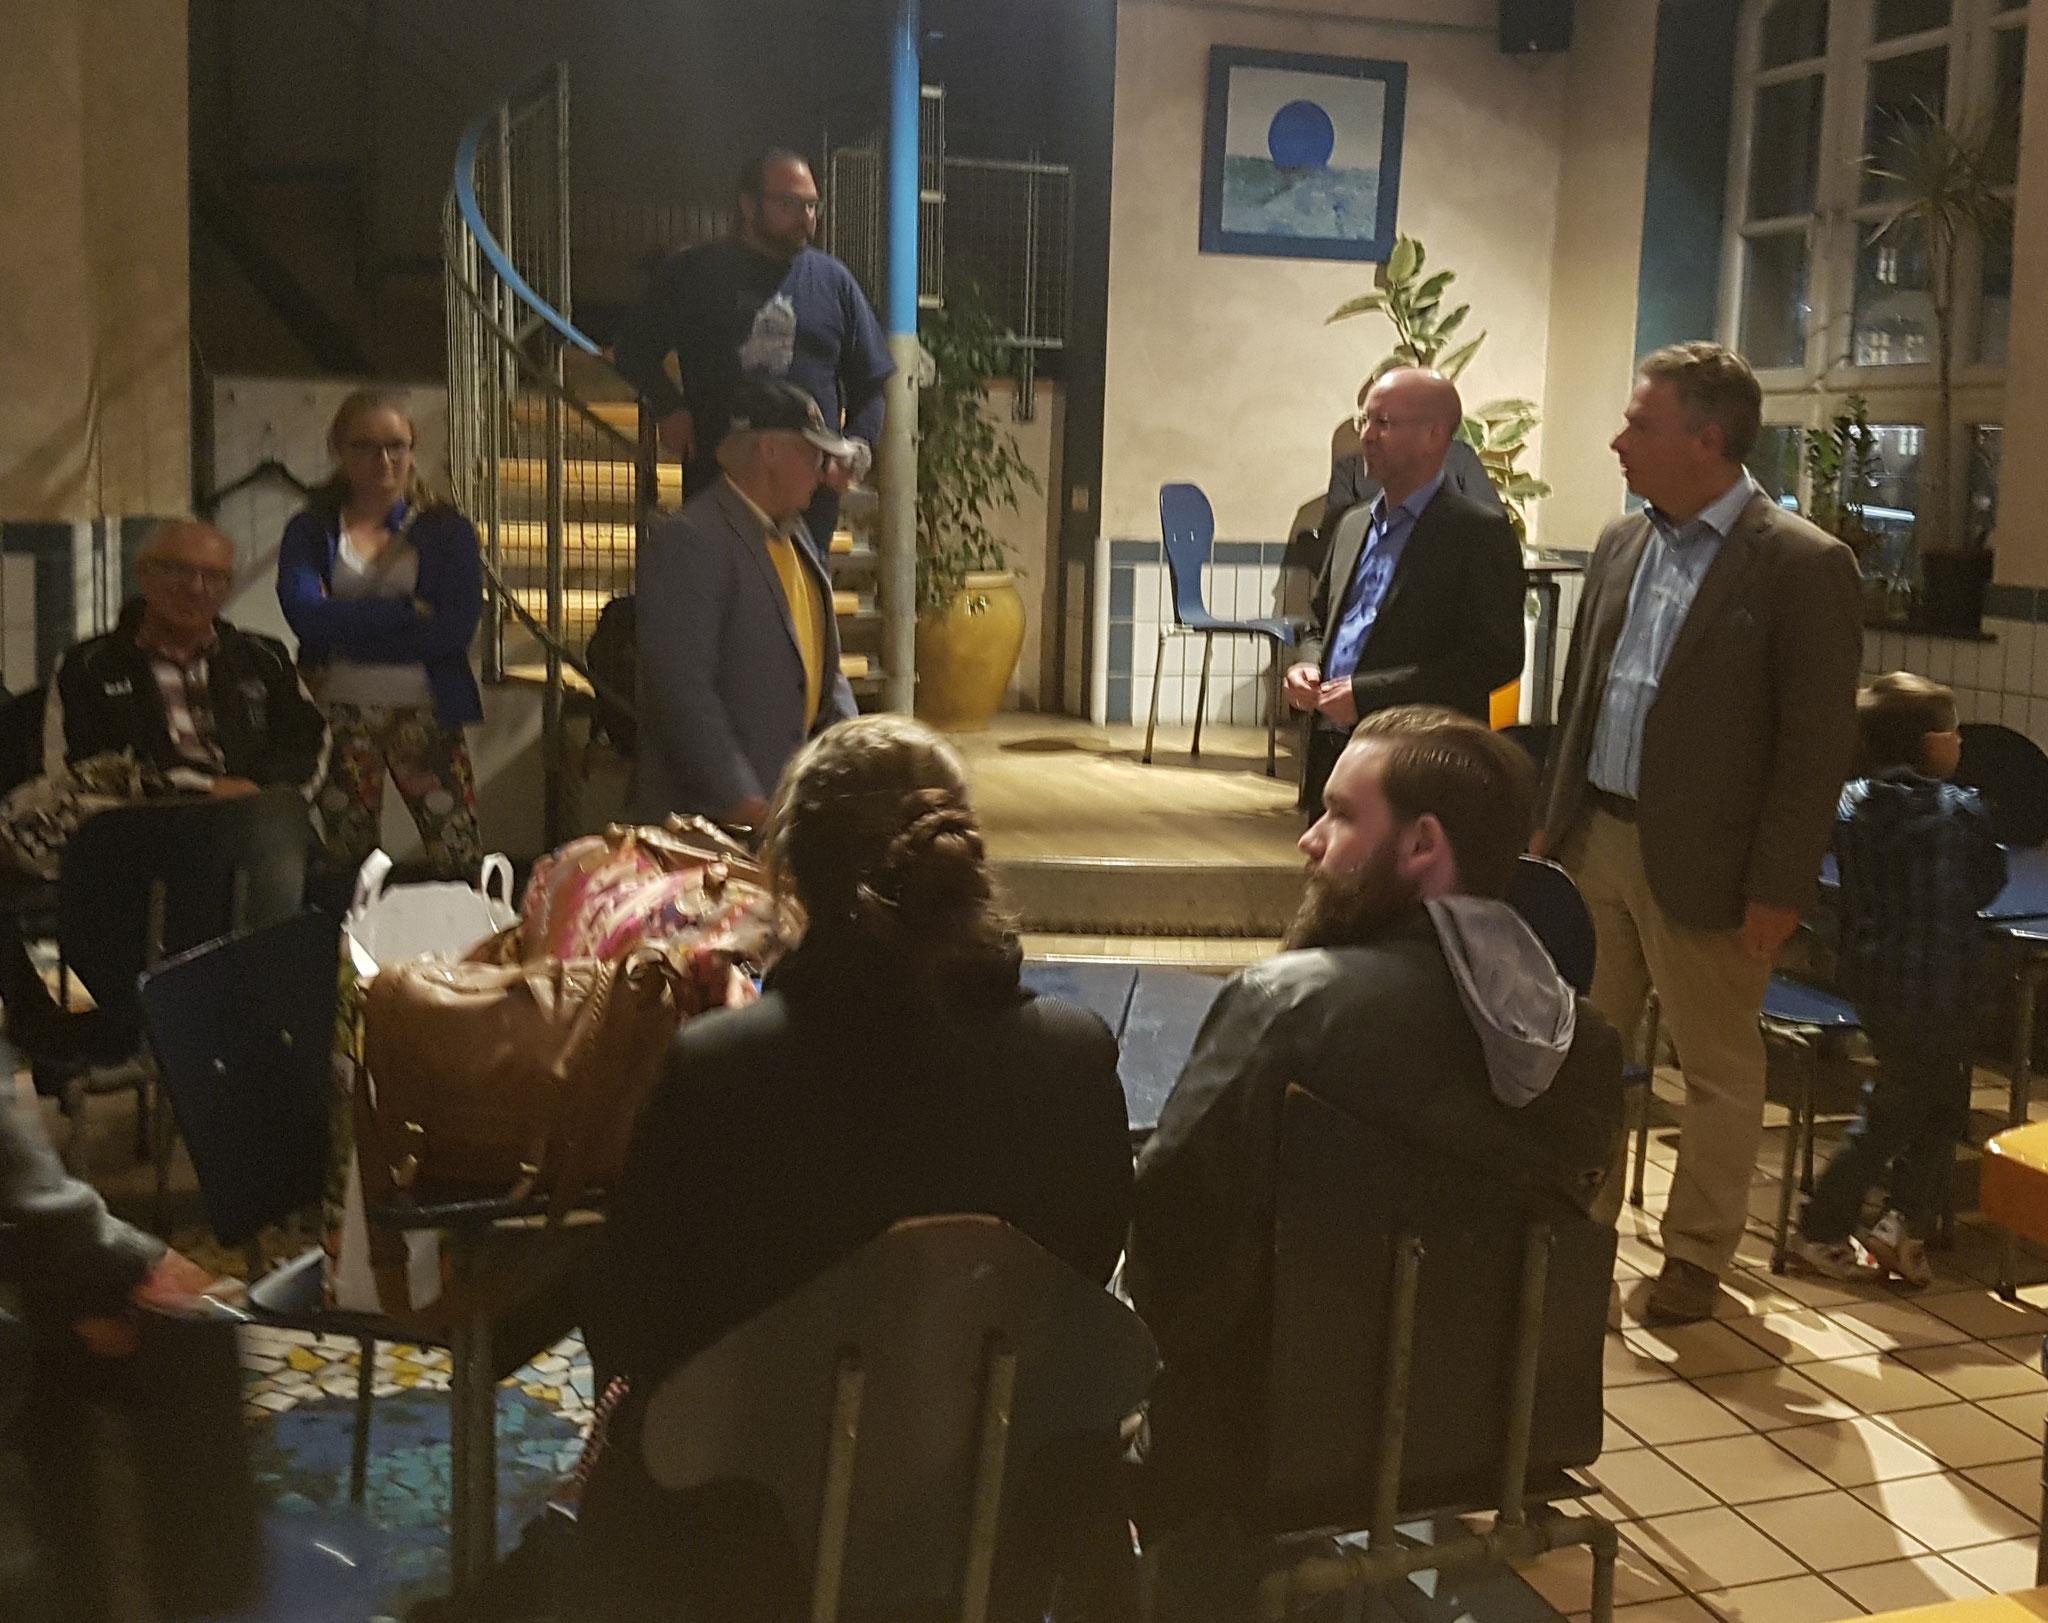 Begrüßung durch Bürgermeister Harald Wegener und den Vorsitzenden des Partnerschaftsverein Frank Stryga